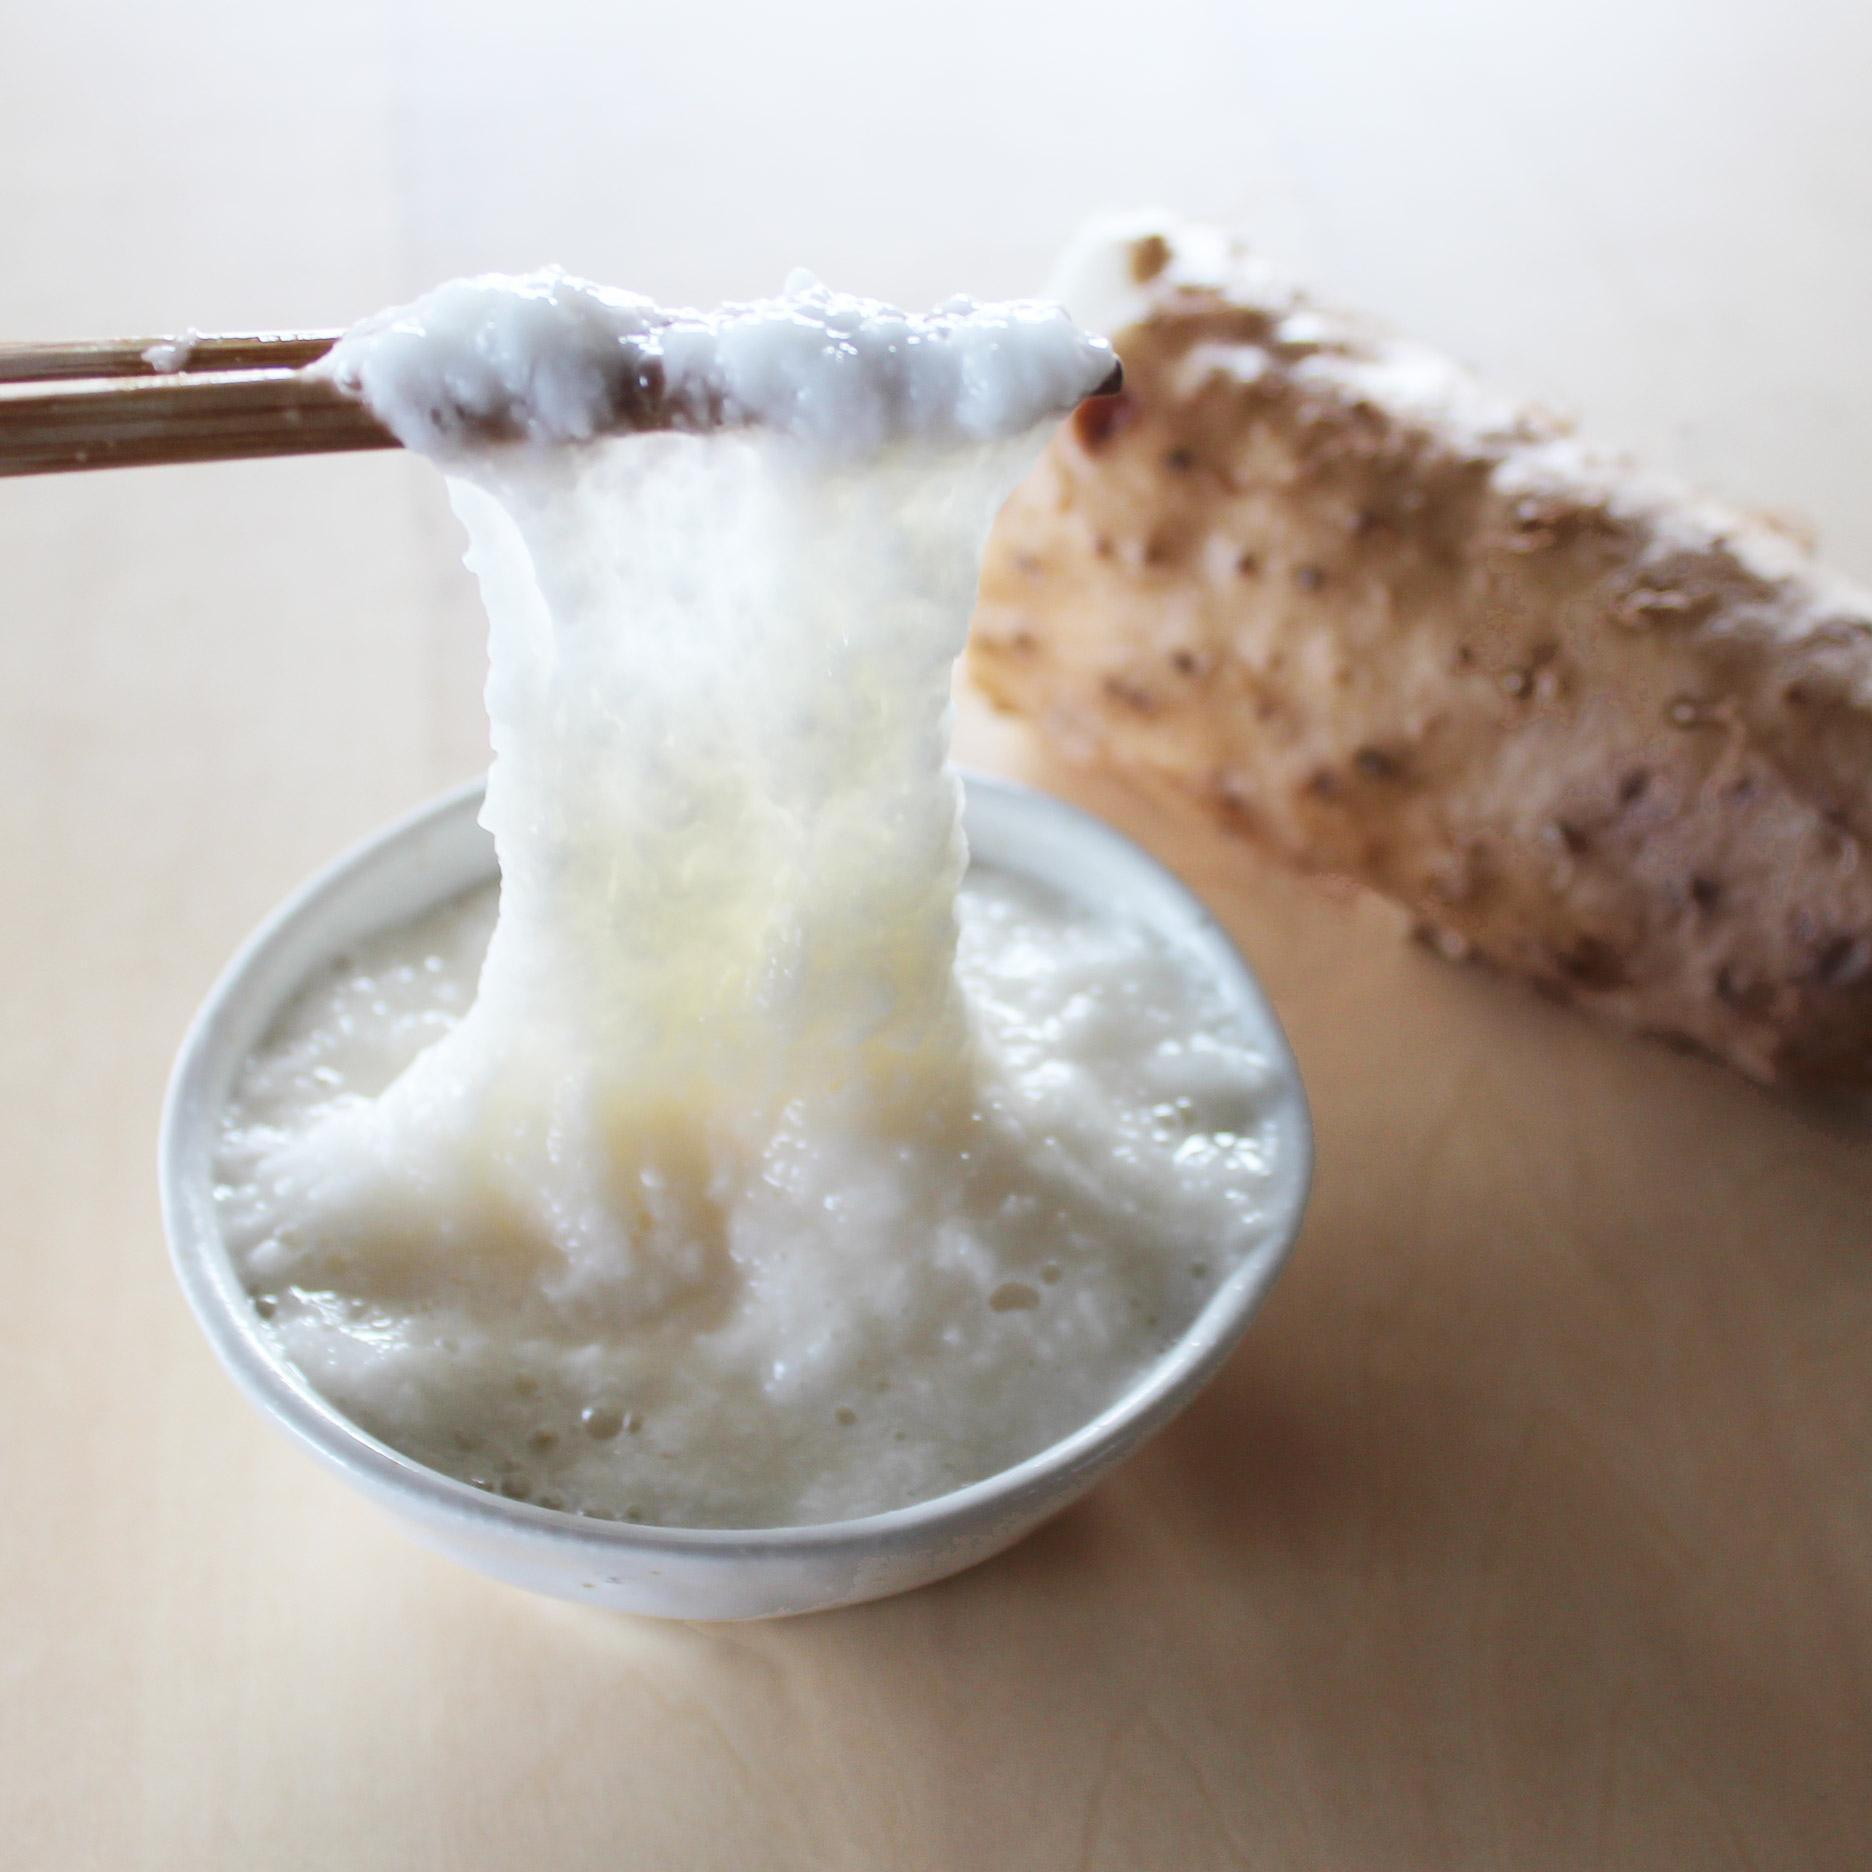 鳥取のおいしい有機野菜 TREE&NORF ねばりっこ